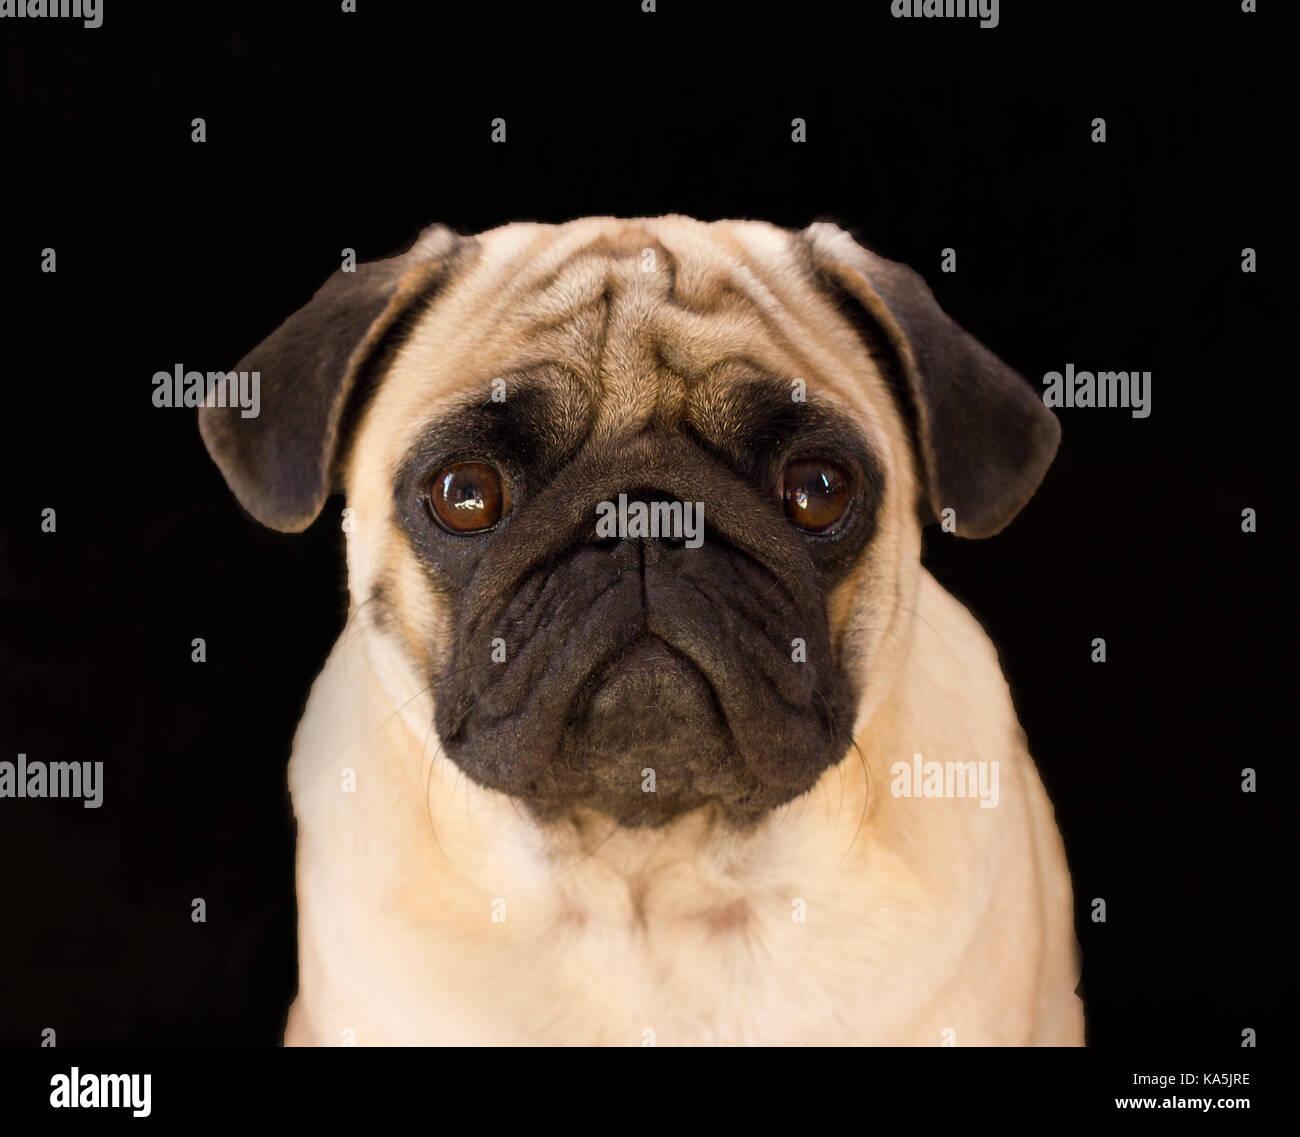 Sad dog pug on the black background - Stock Image